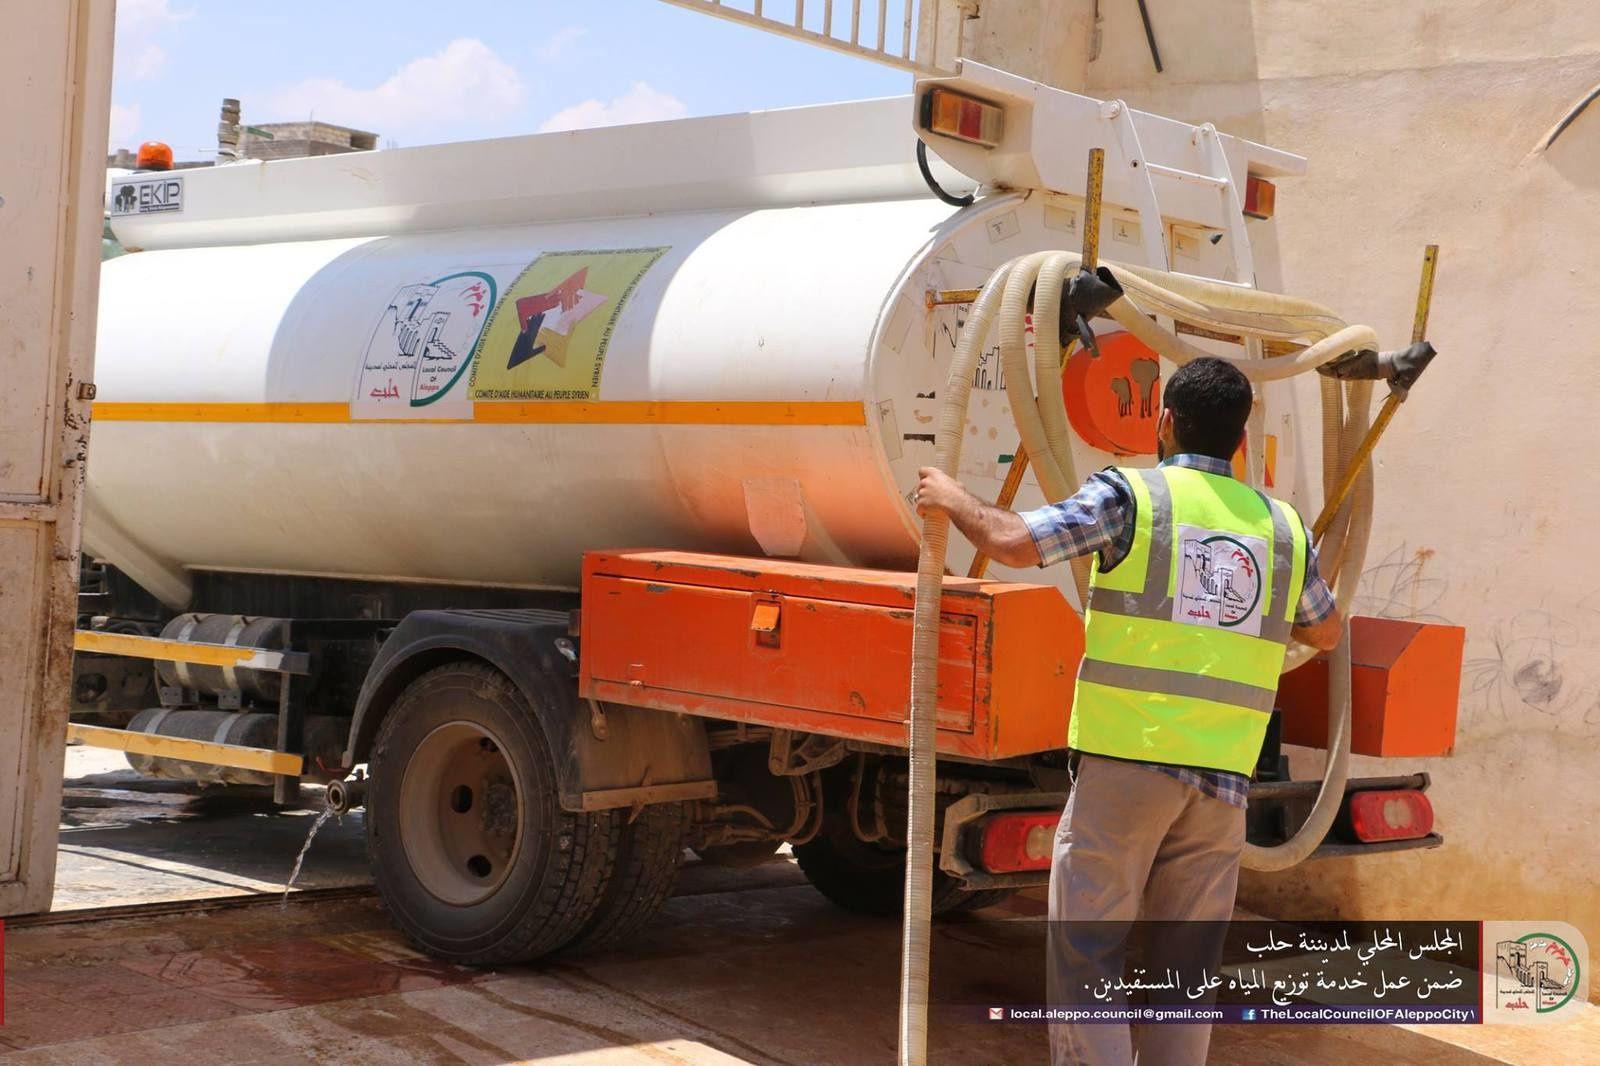 Eau potable pour les réfugiés dans la Région d'Alep-Idlib : 3è opération en juillet 2018